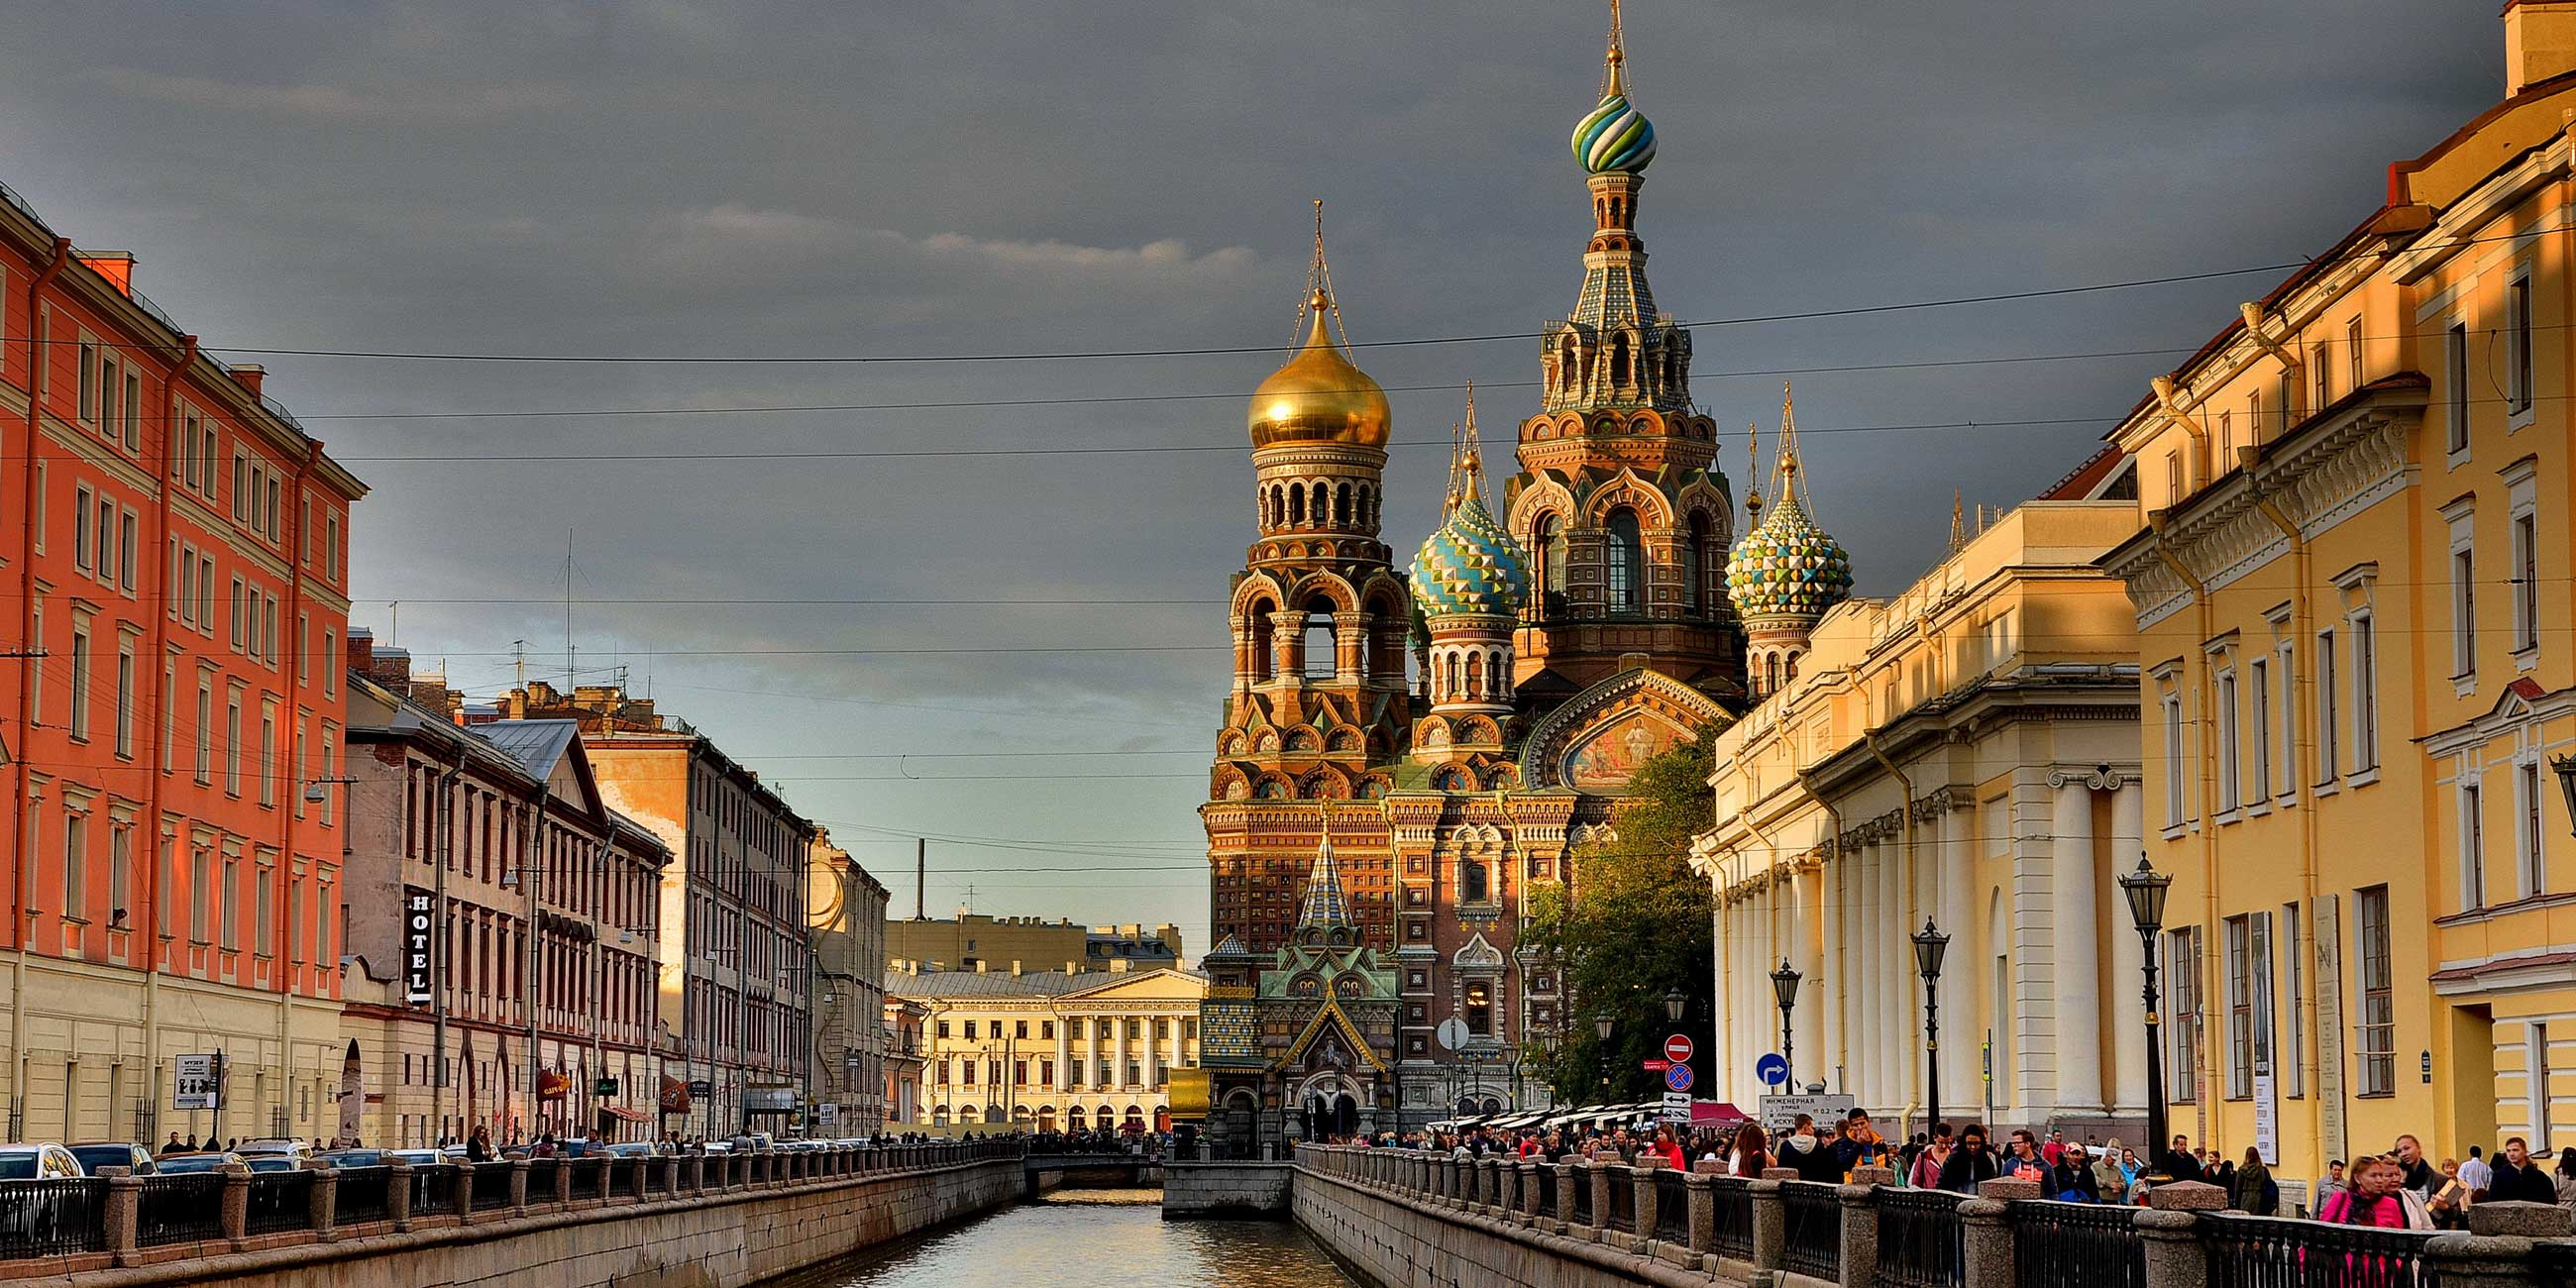 Дойдите до Казанского моста - и вы увидите храм Спаса на КровиФото: pixabay.com